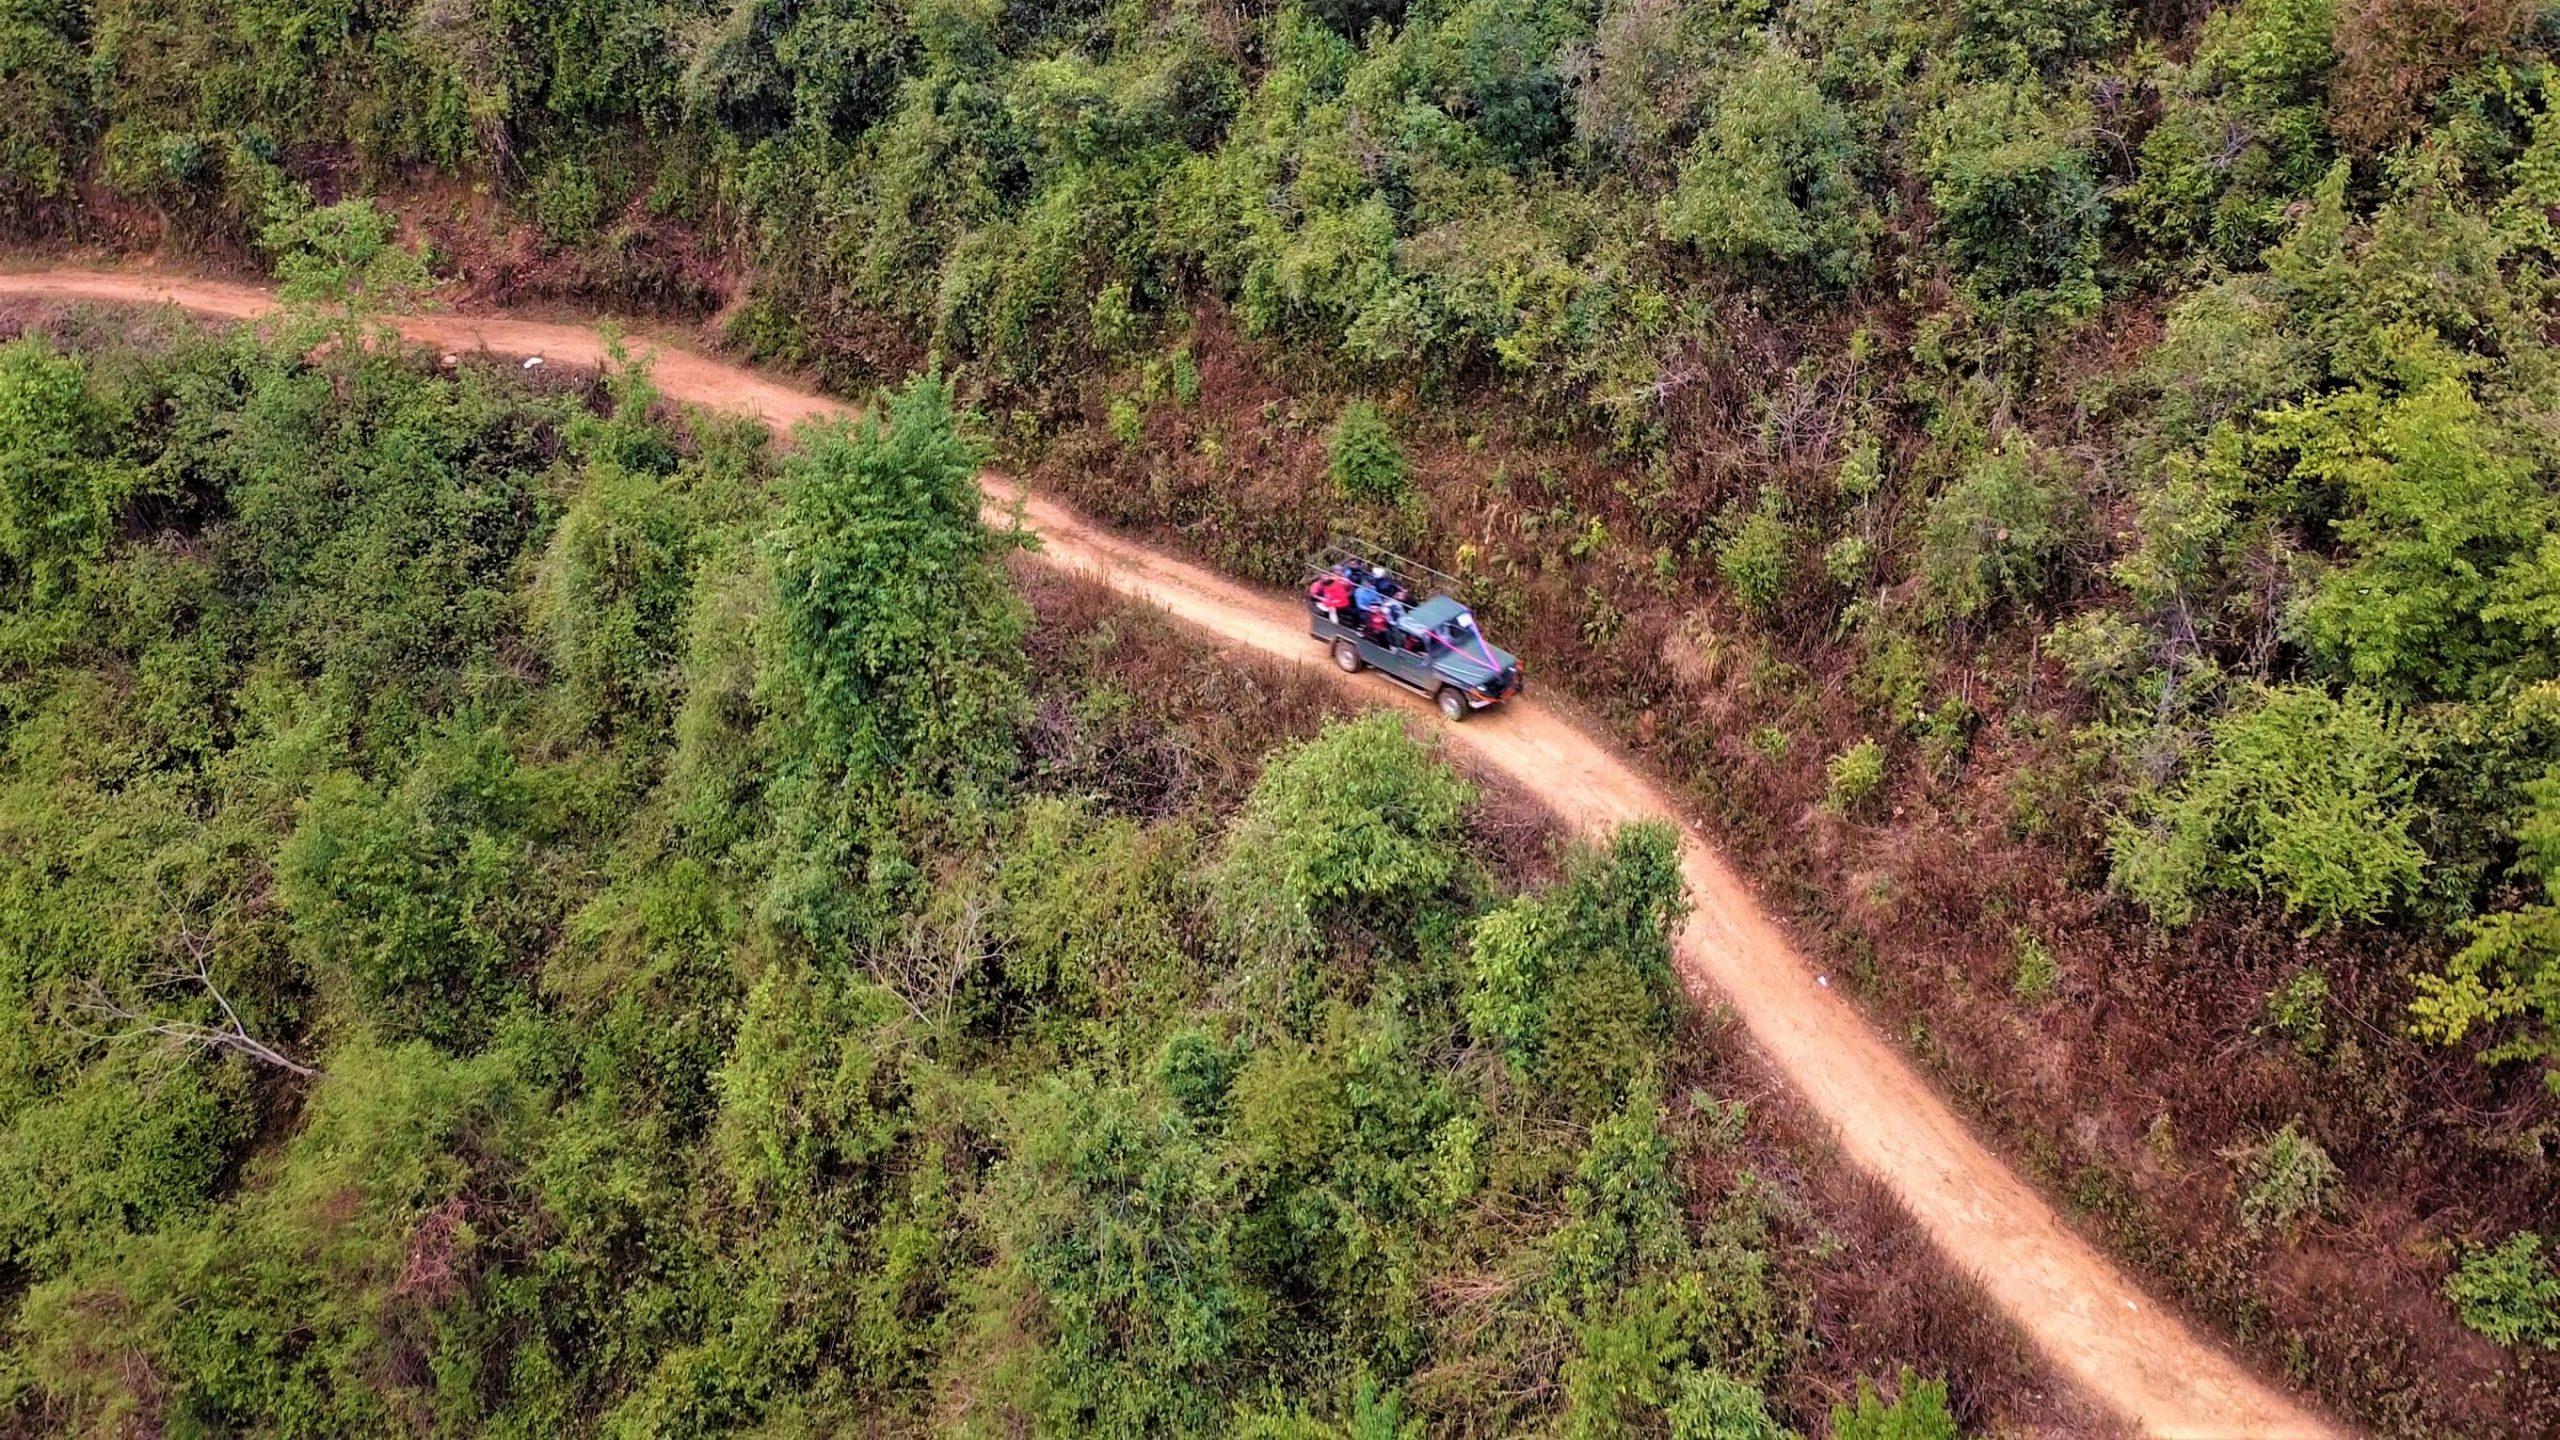 राजधानीको महत्वपूर्ण पर्यटकीय स्थल रानीकोट, जंगल सफारीको मज्जानै बेग्लै .. image